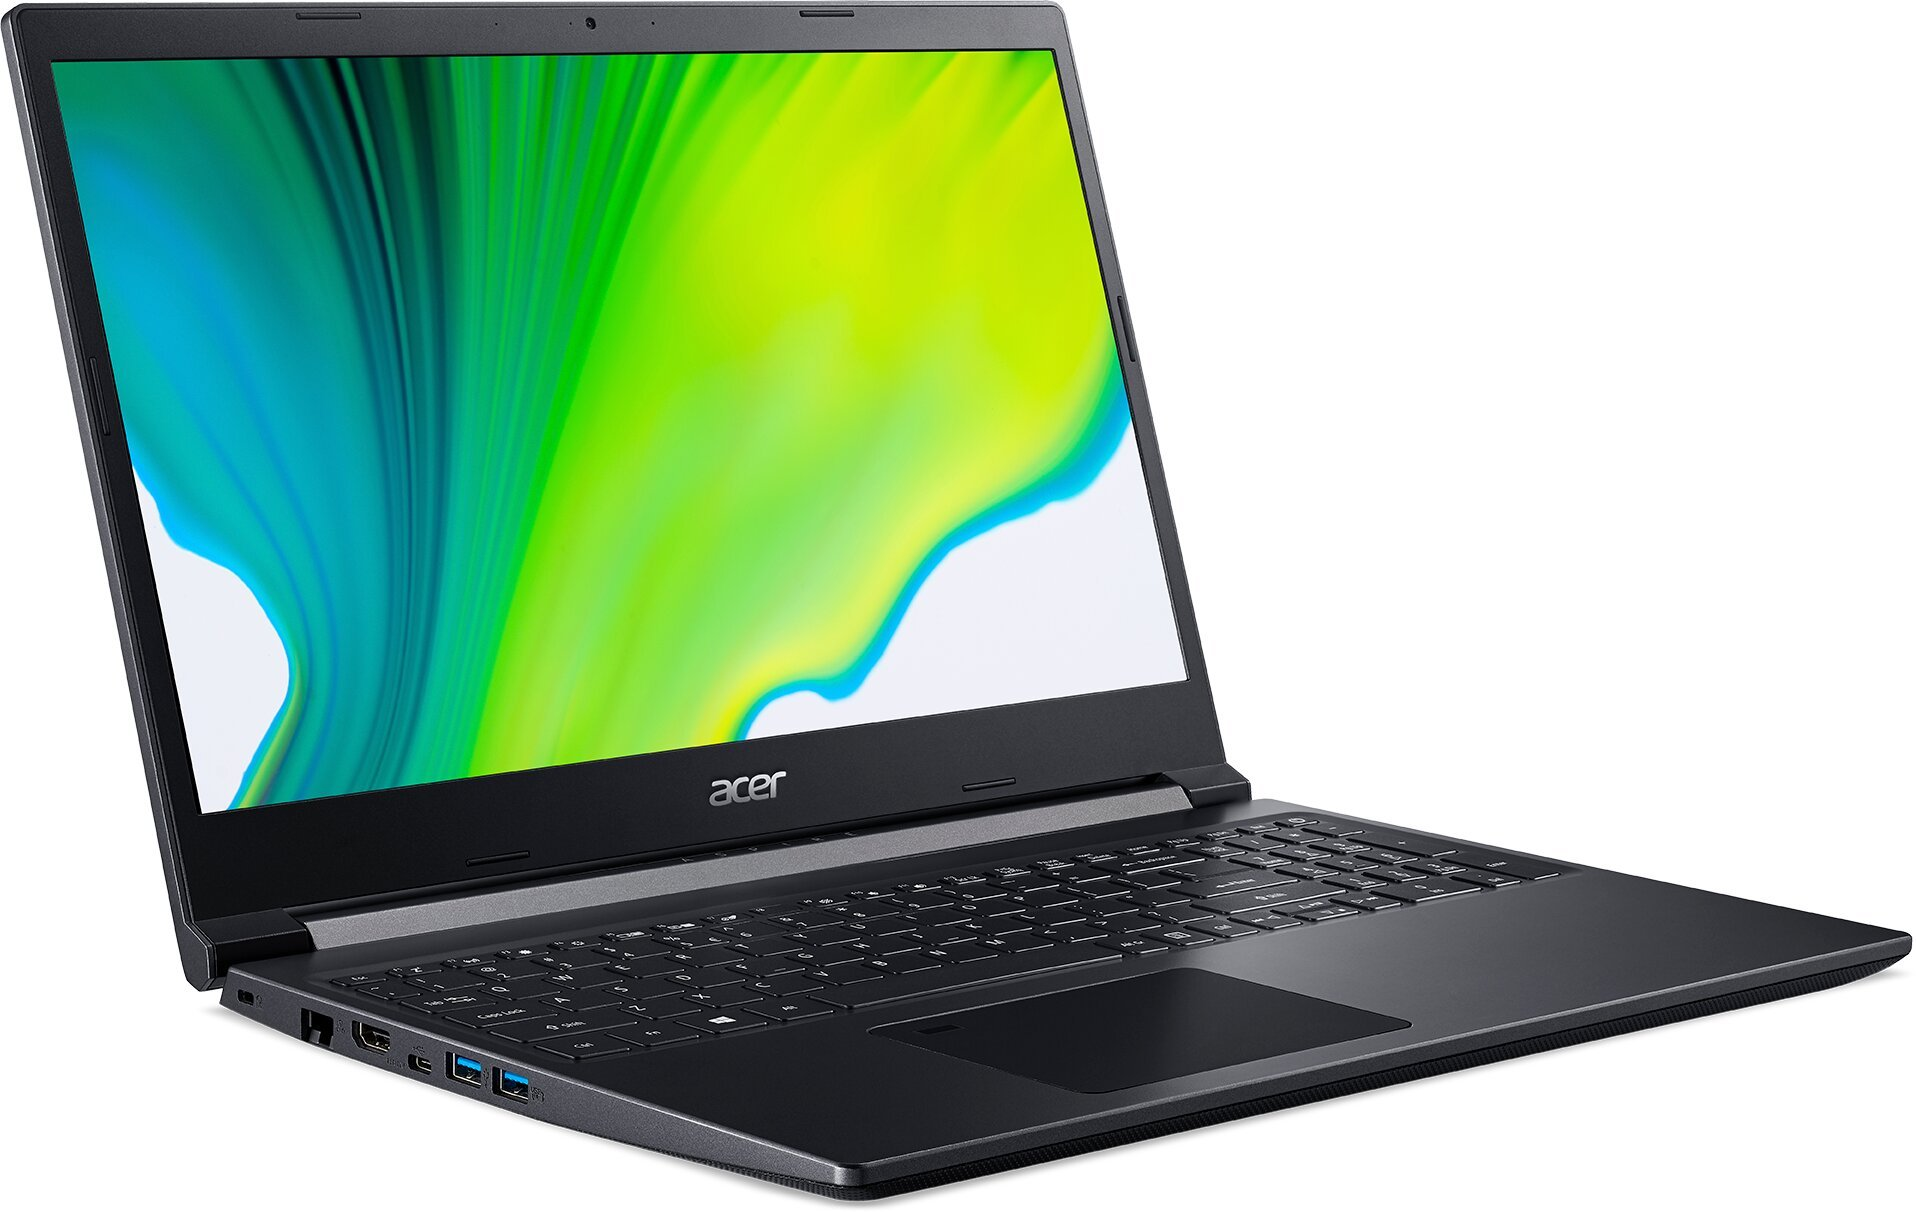 Acer Aspire 7 A715-75G-79SK